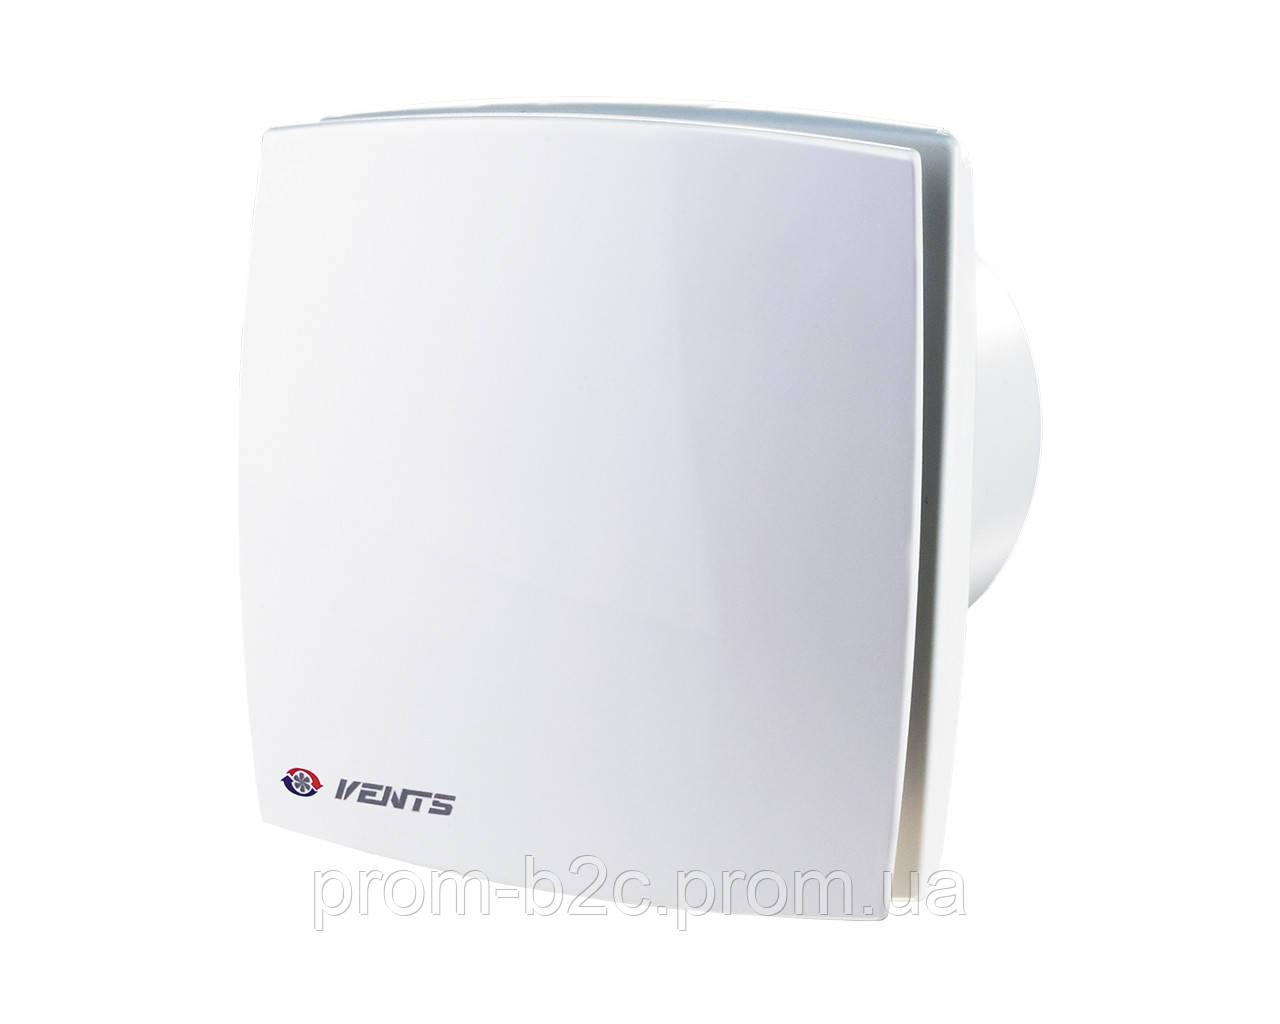 Вентилятор Вентс 150 ЛД